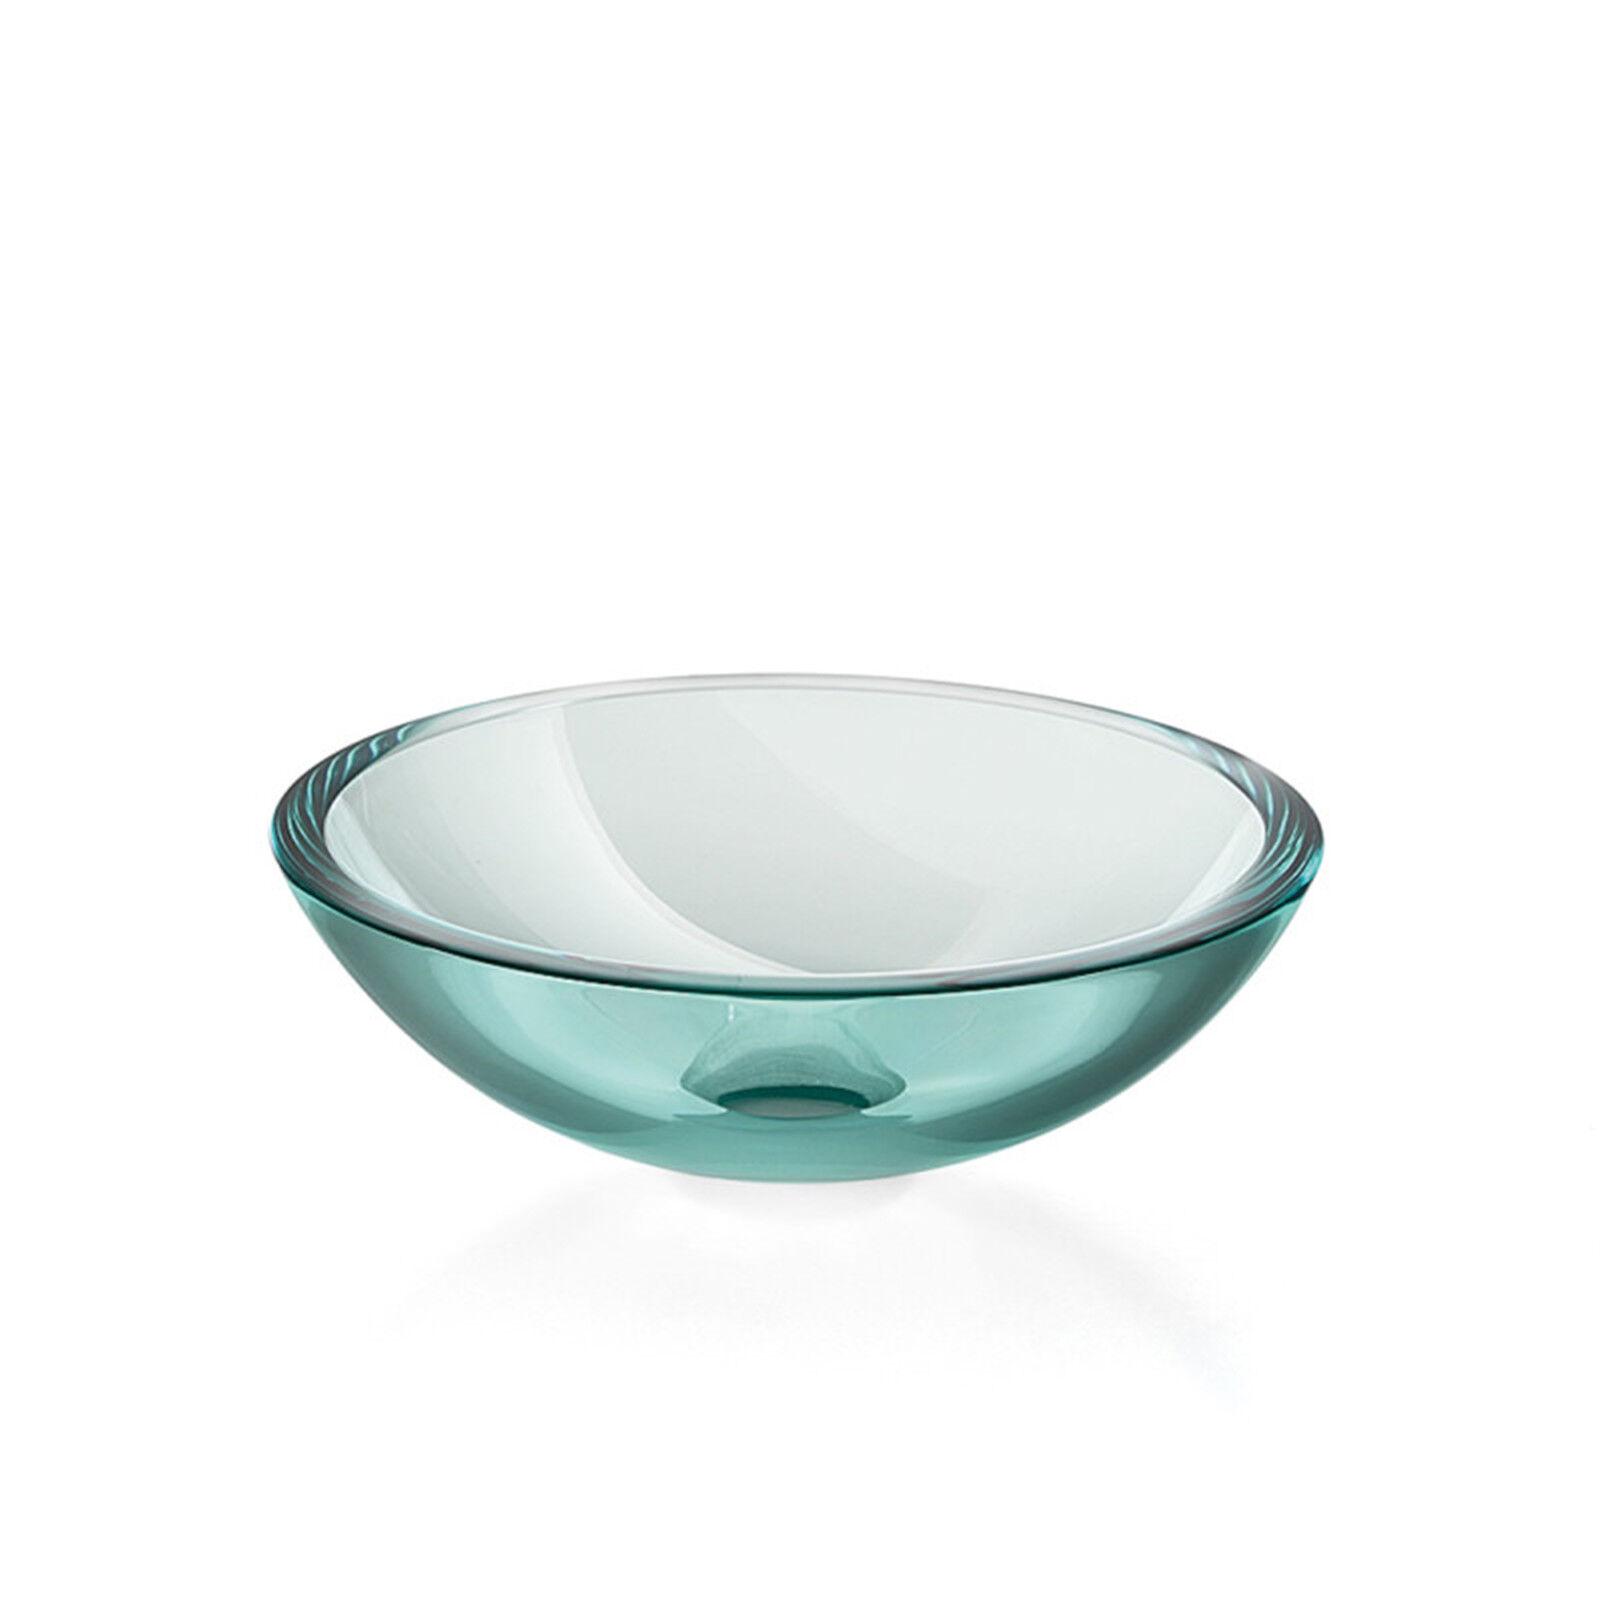 Lavabo a bacinella da appoggio in vetro tondo 30 cm Lineabeta serie Acquaio